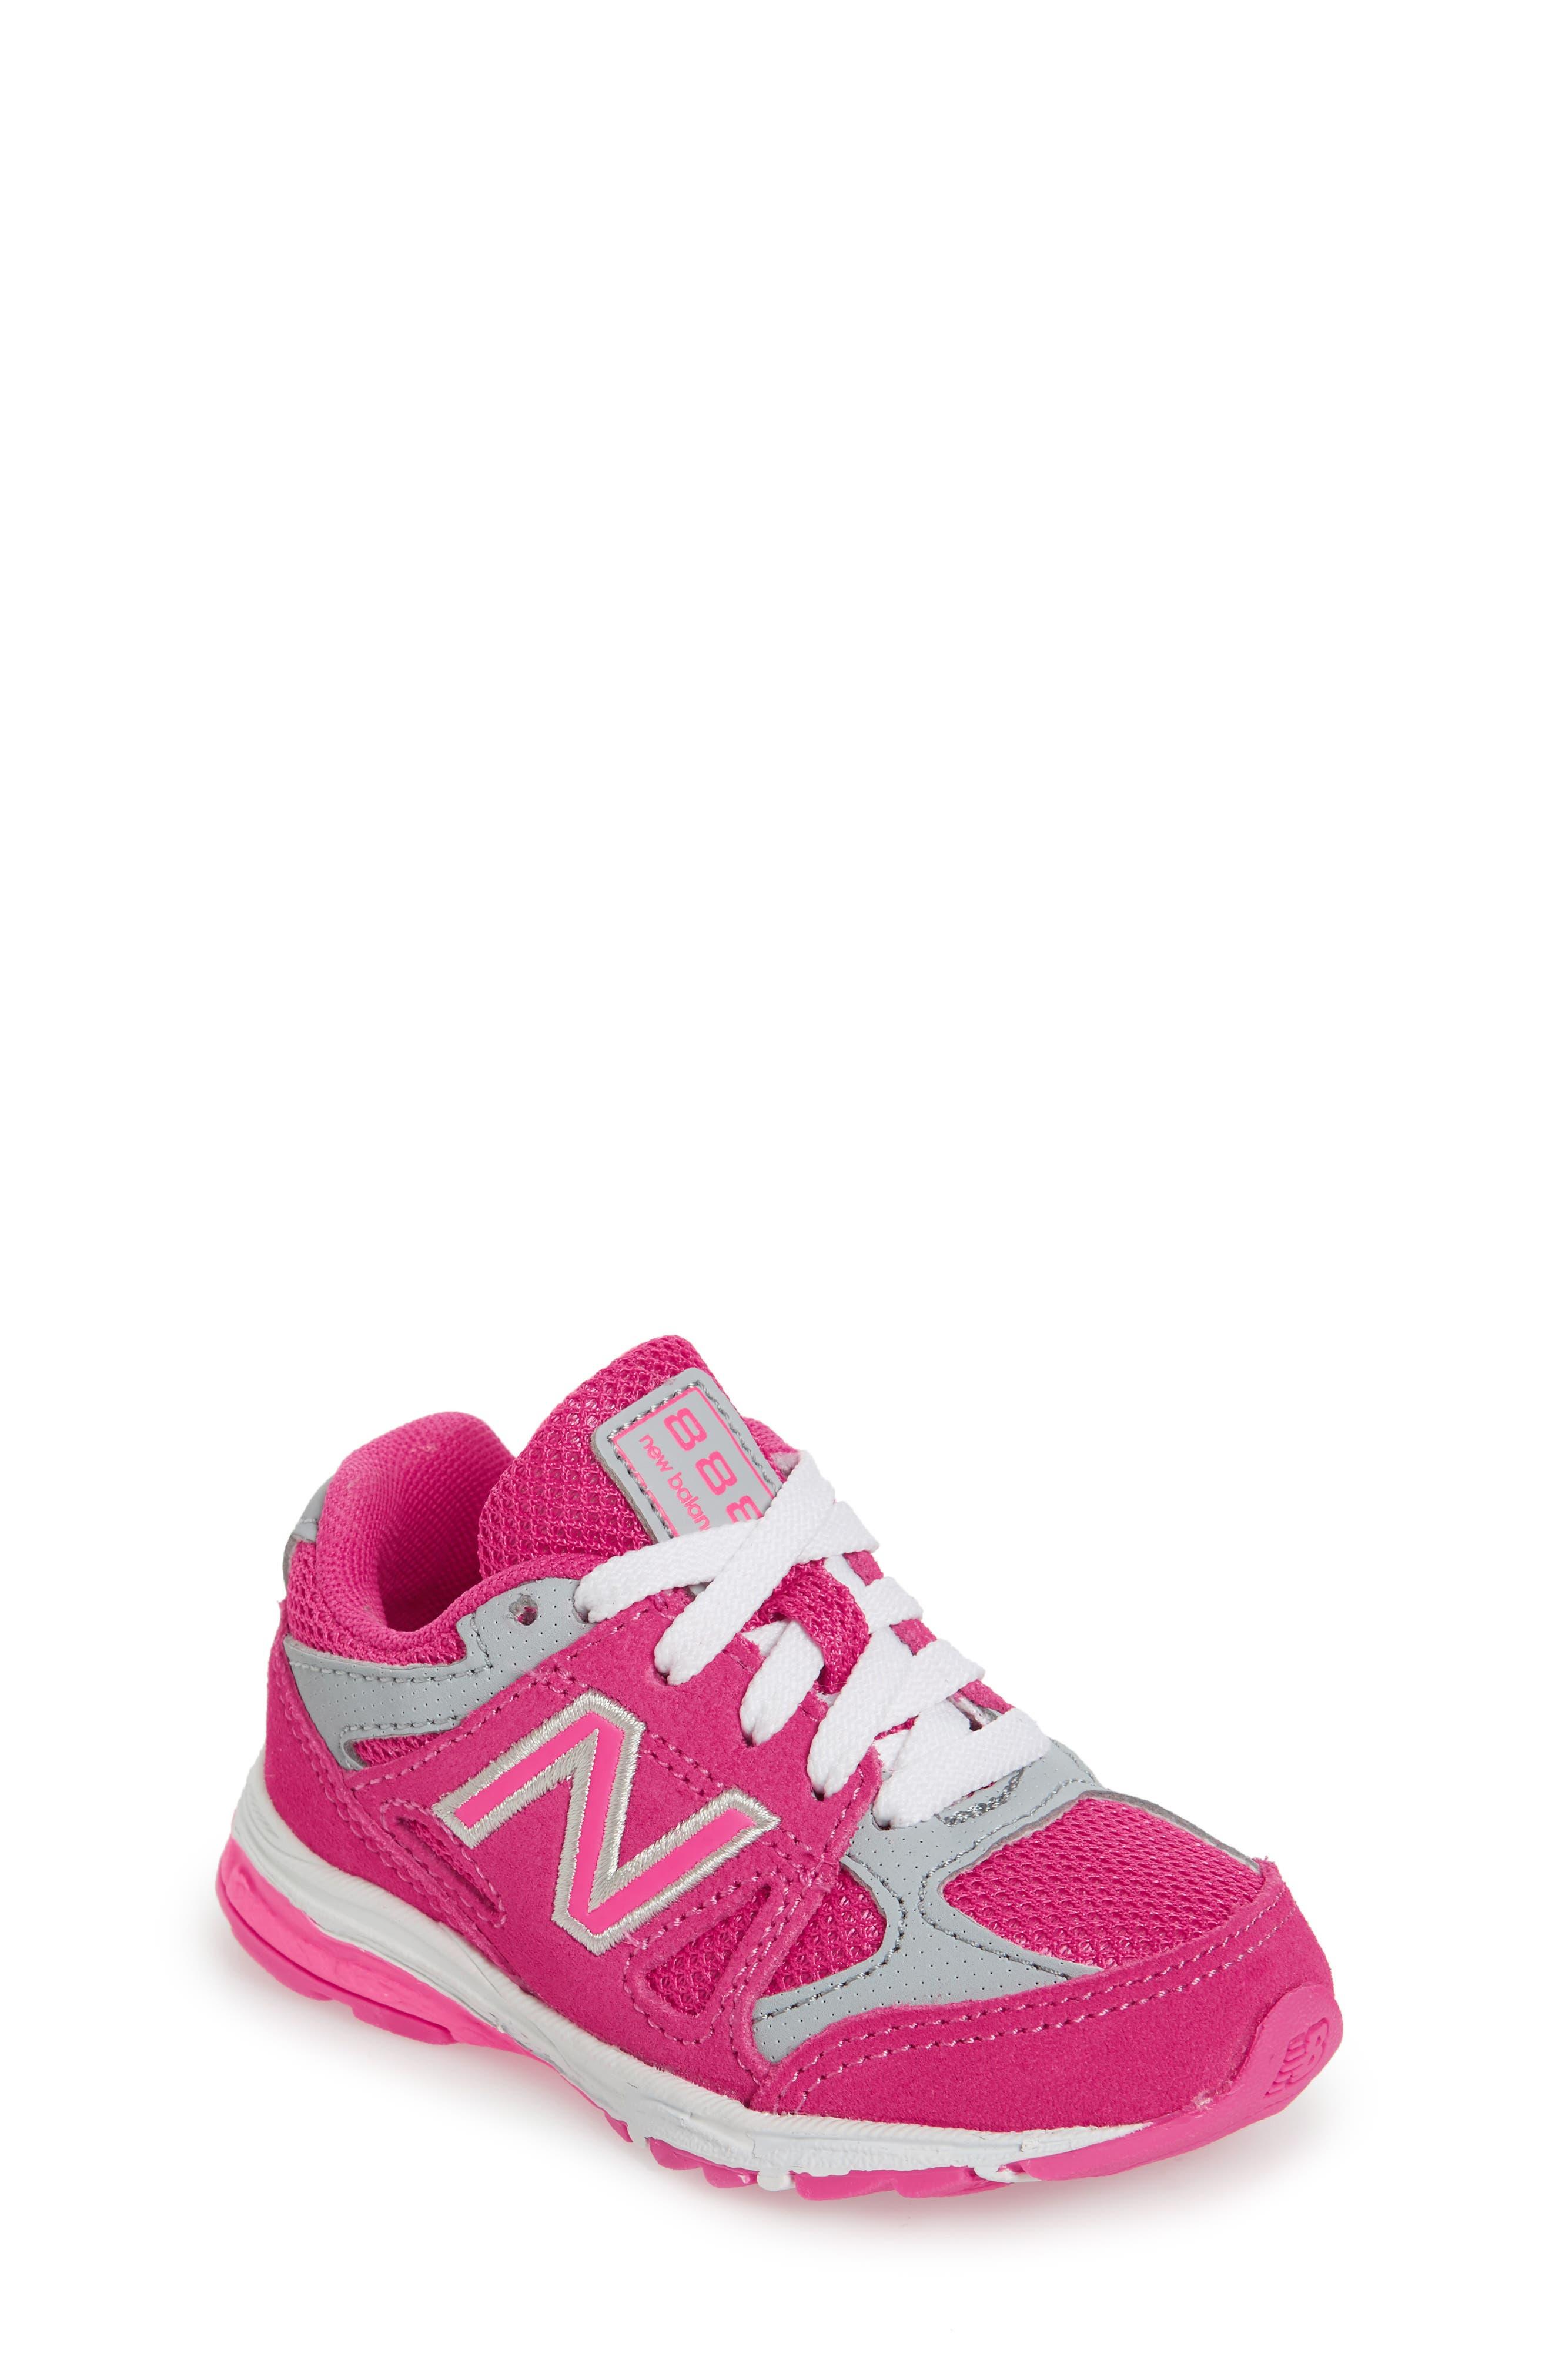 888 Sneaker,                         Main,                         color, 664